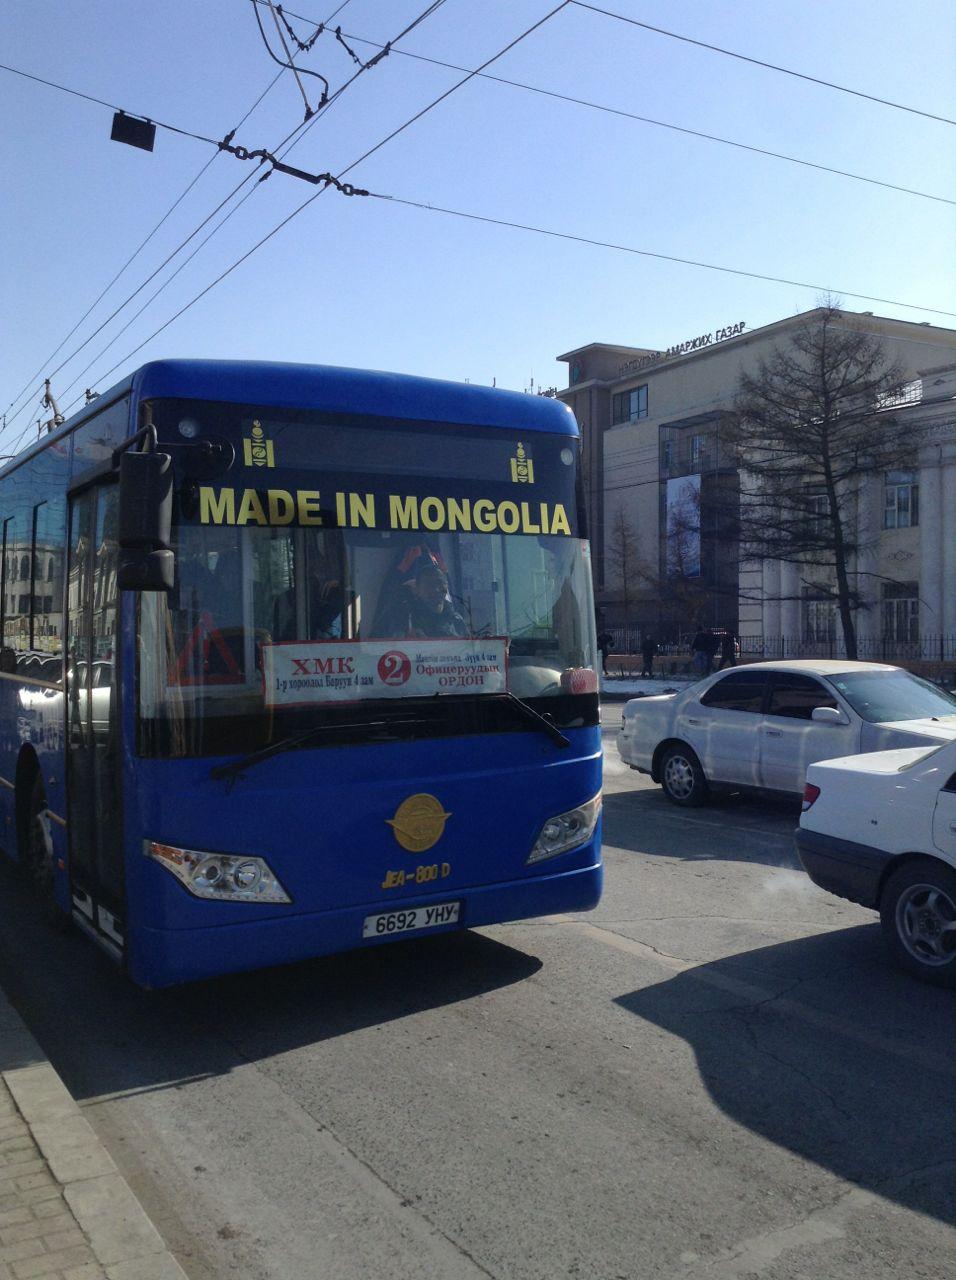 ウランバートル市内を走るバス運賃は全て運転手の利益